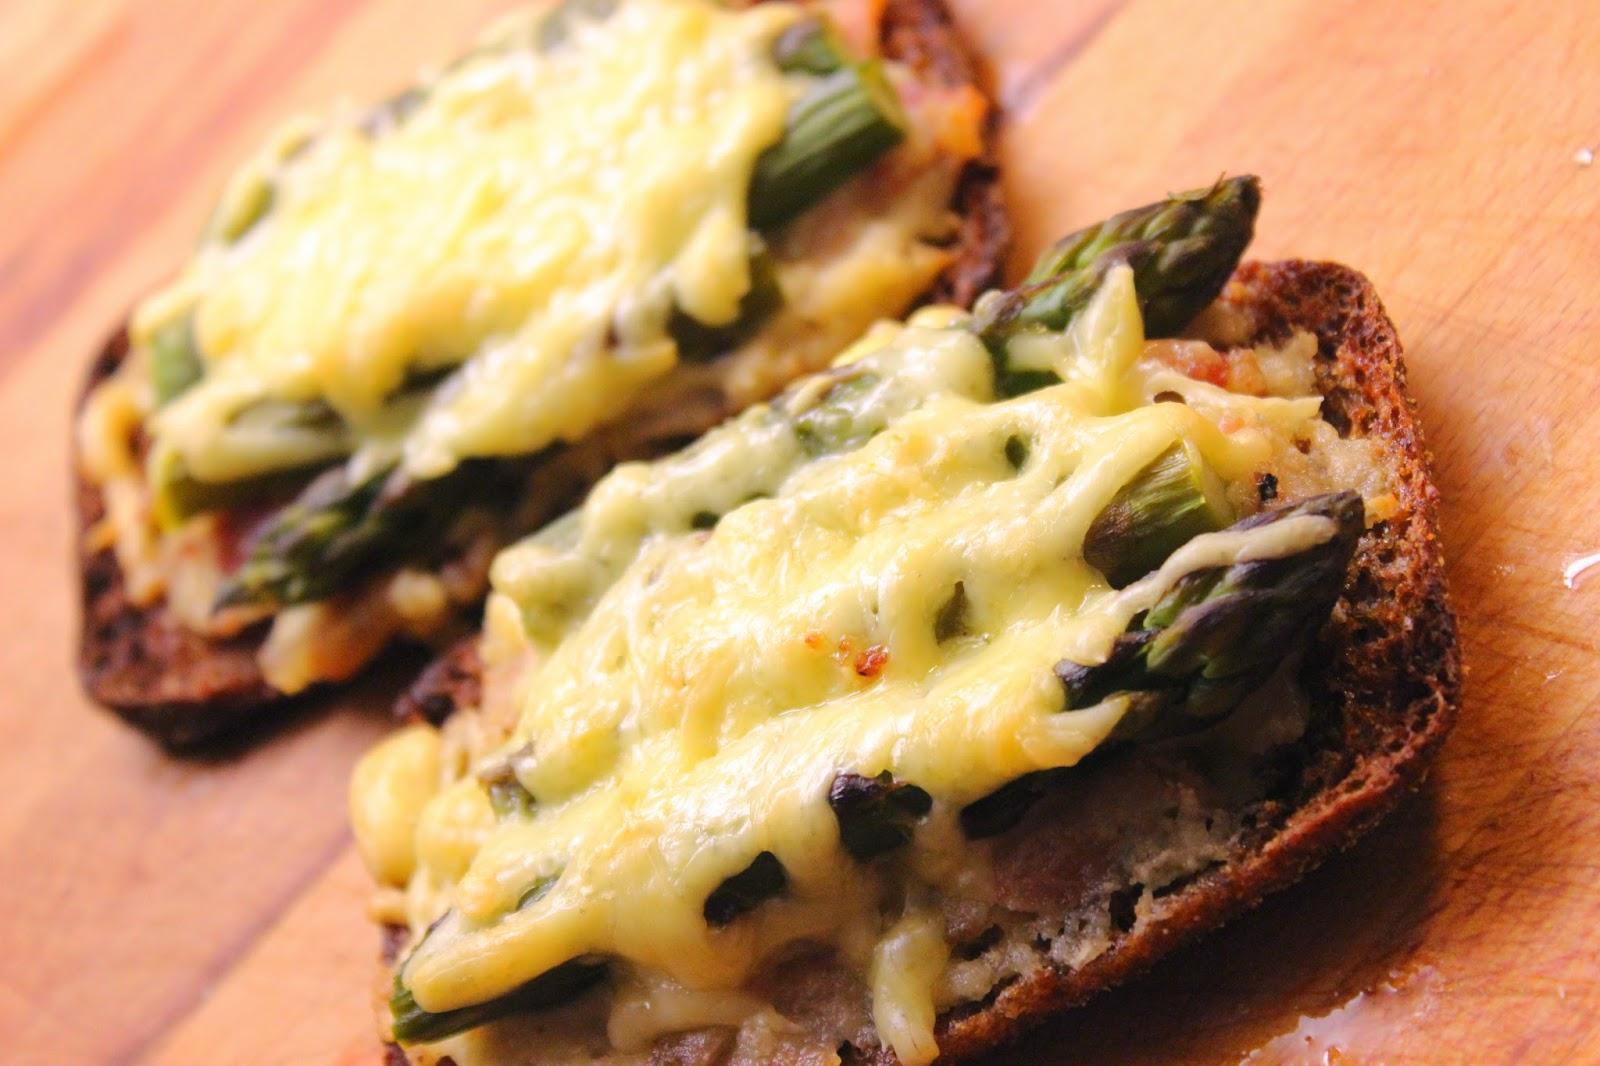 Kuukauden kasvis - parsa: lämpimät parsa-pekonileivät